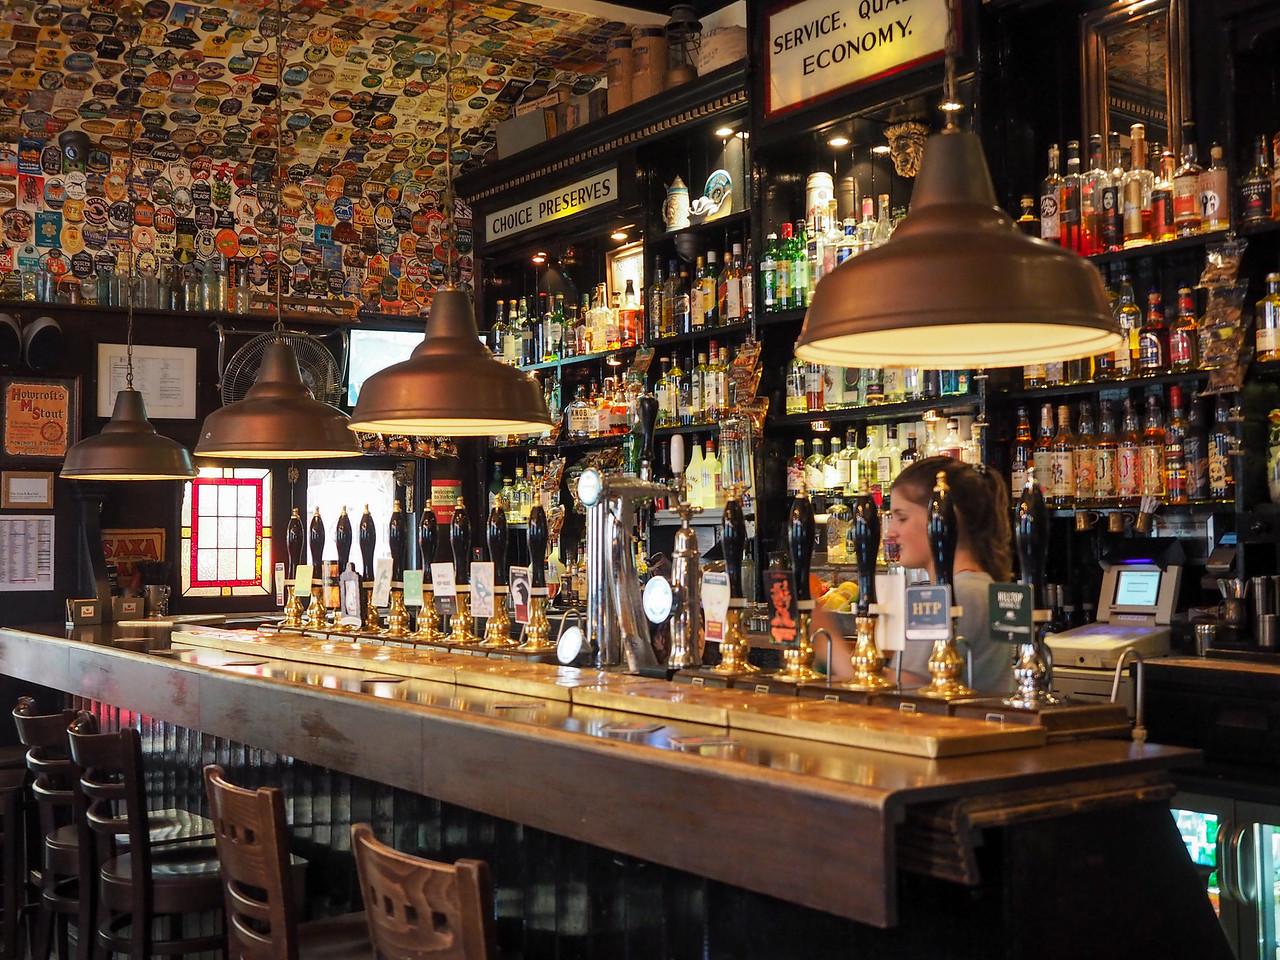 Lion & Key pub in Hull, England